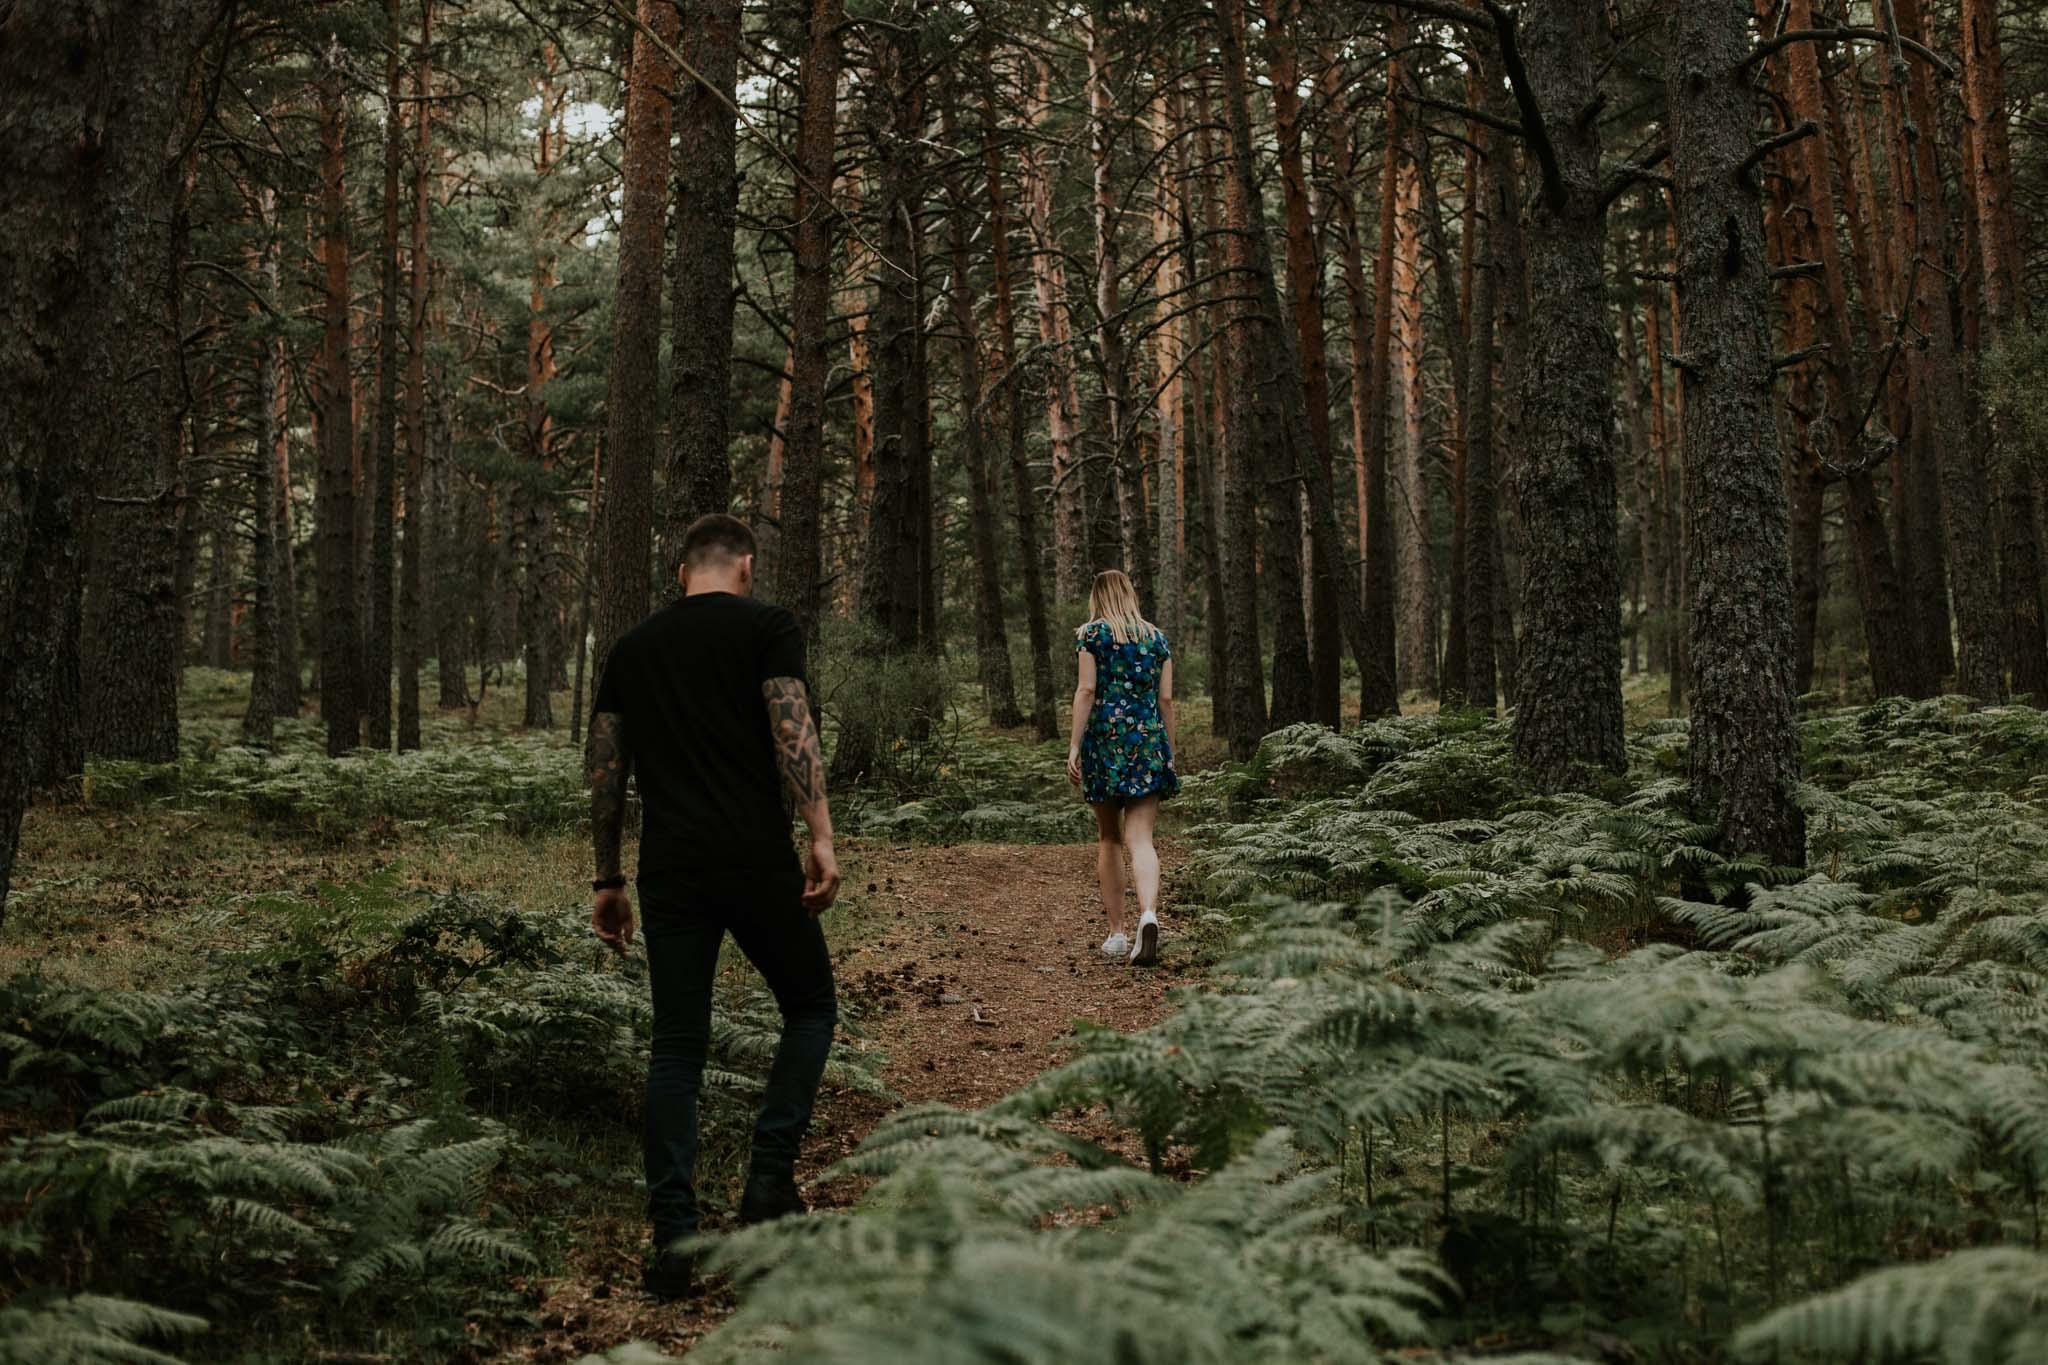 Fotografia pareja bosque 1 Concorazon